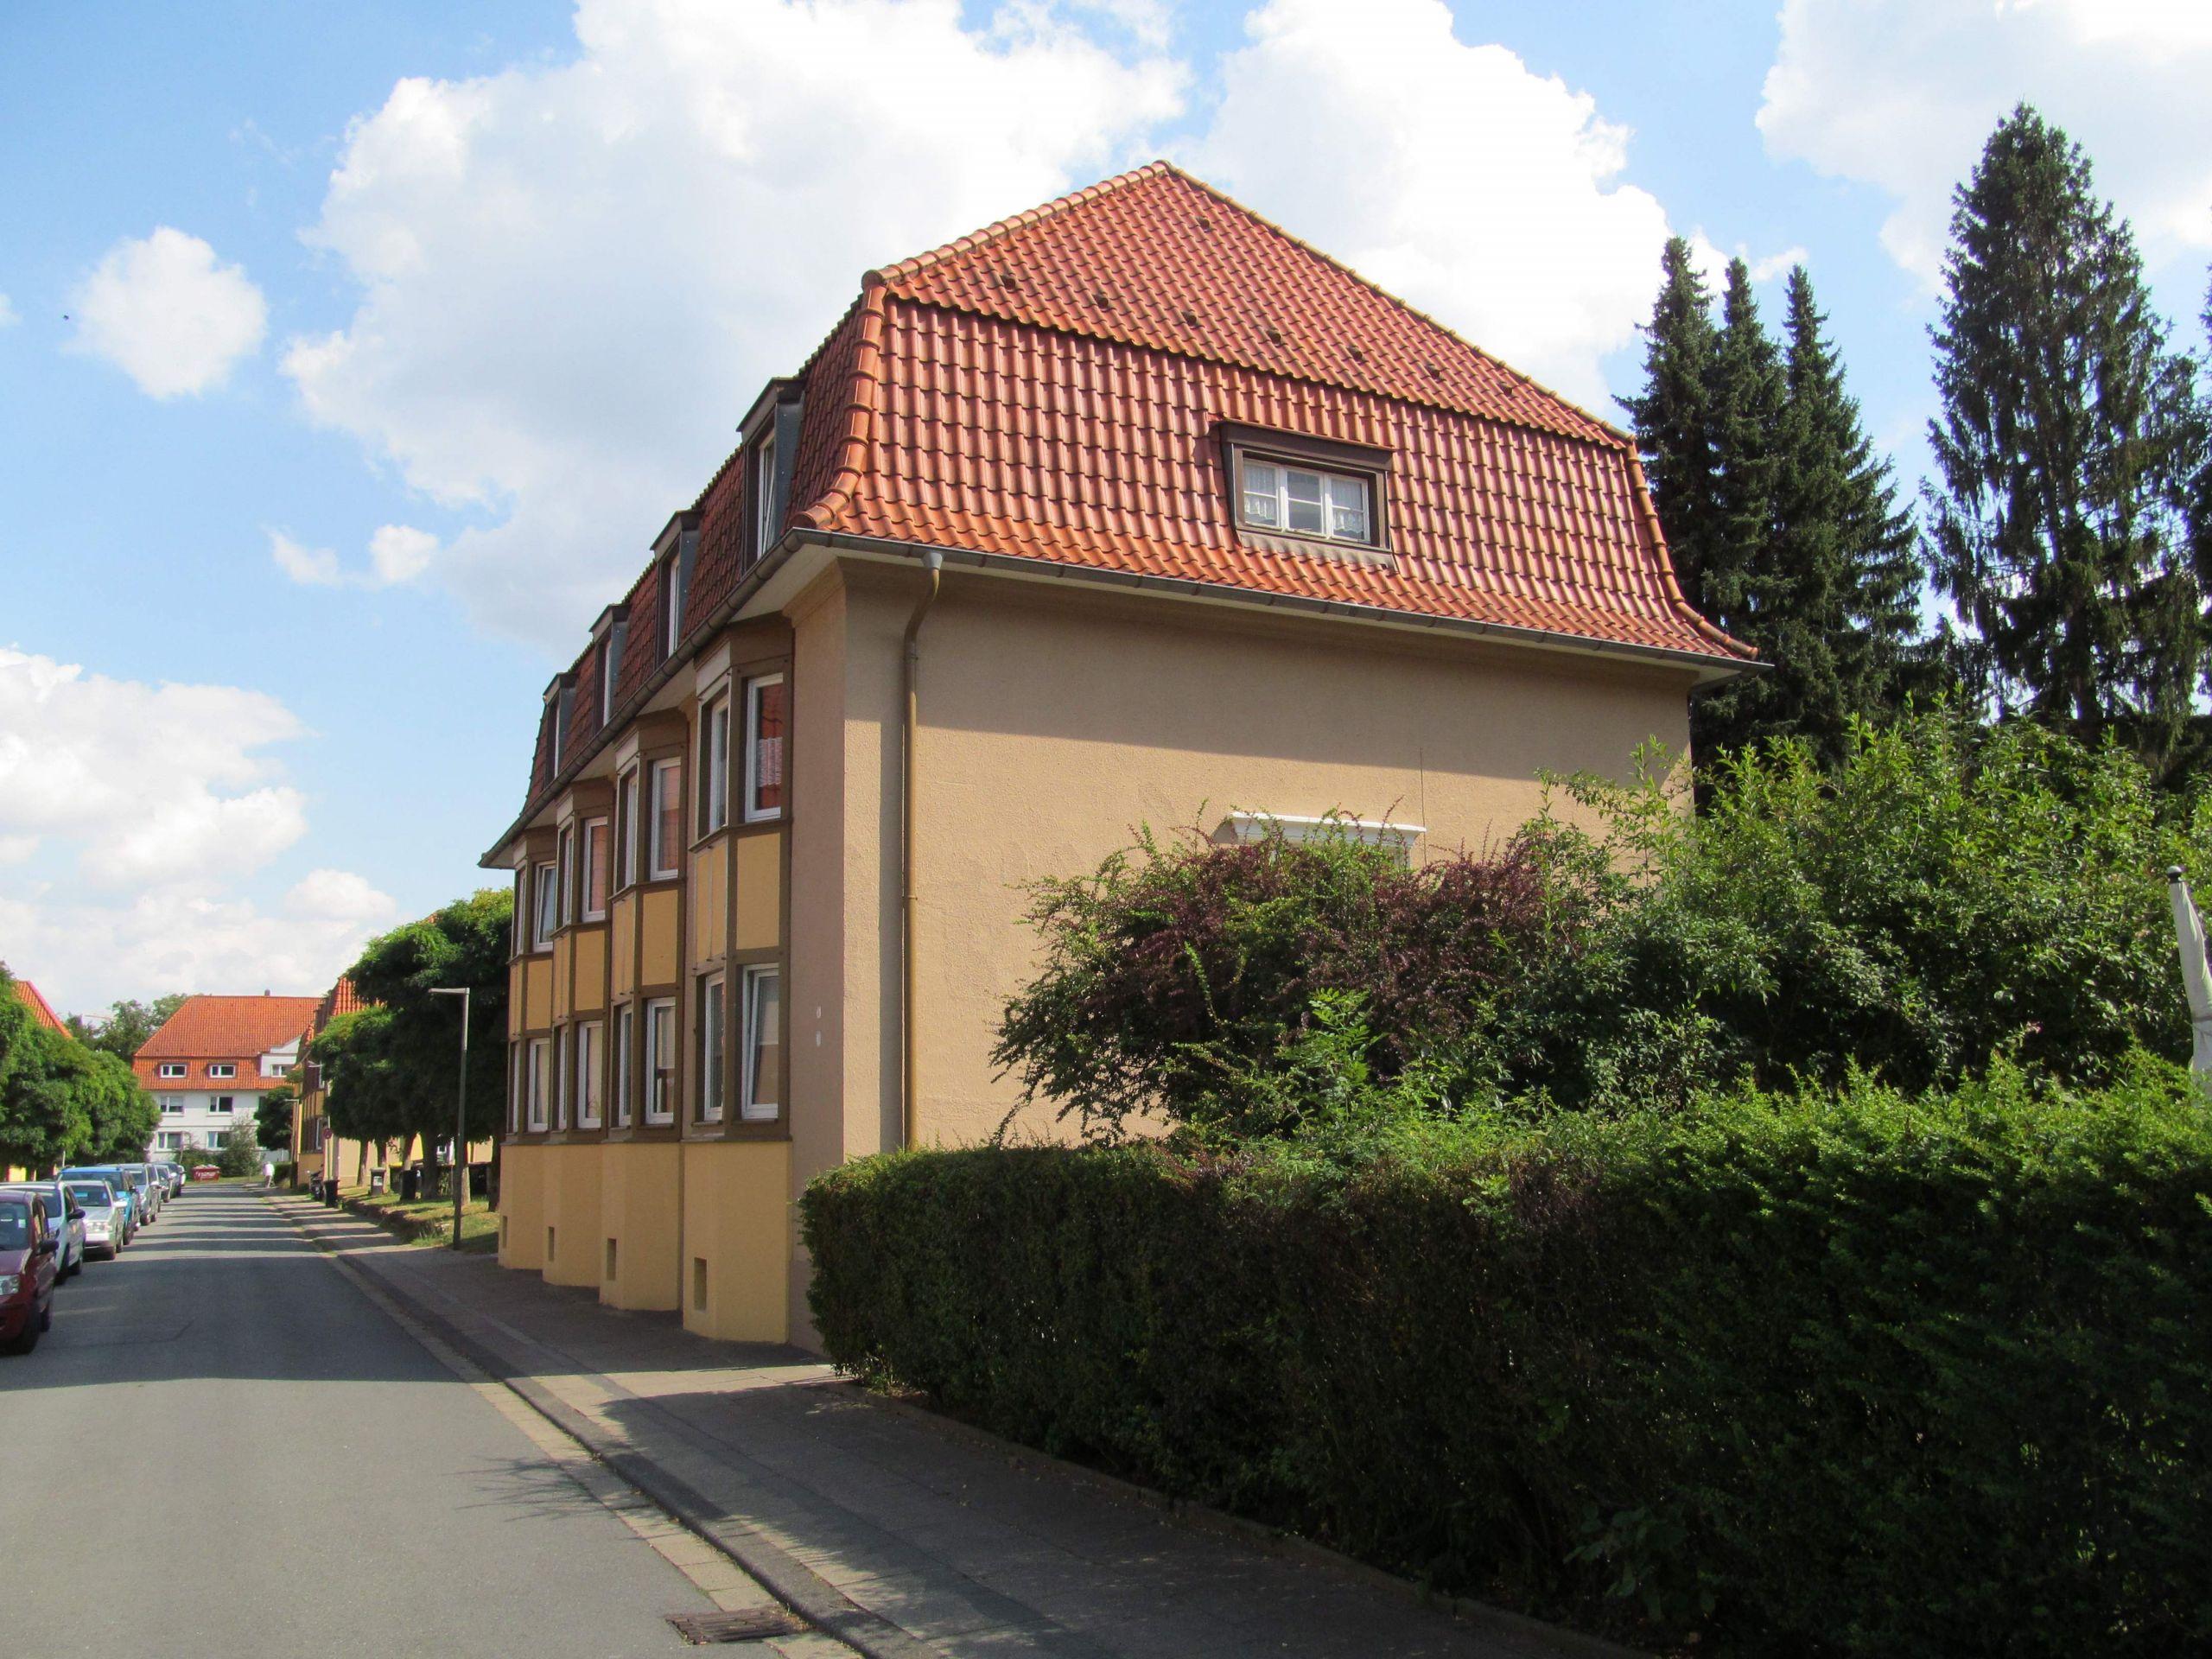 Japanischer Garten Bielefeld Inspirierend Datei Bromberger Straße 6 4 1 Mitte Bielefeld